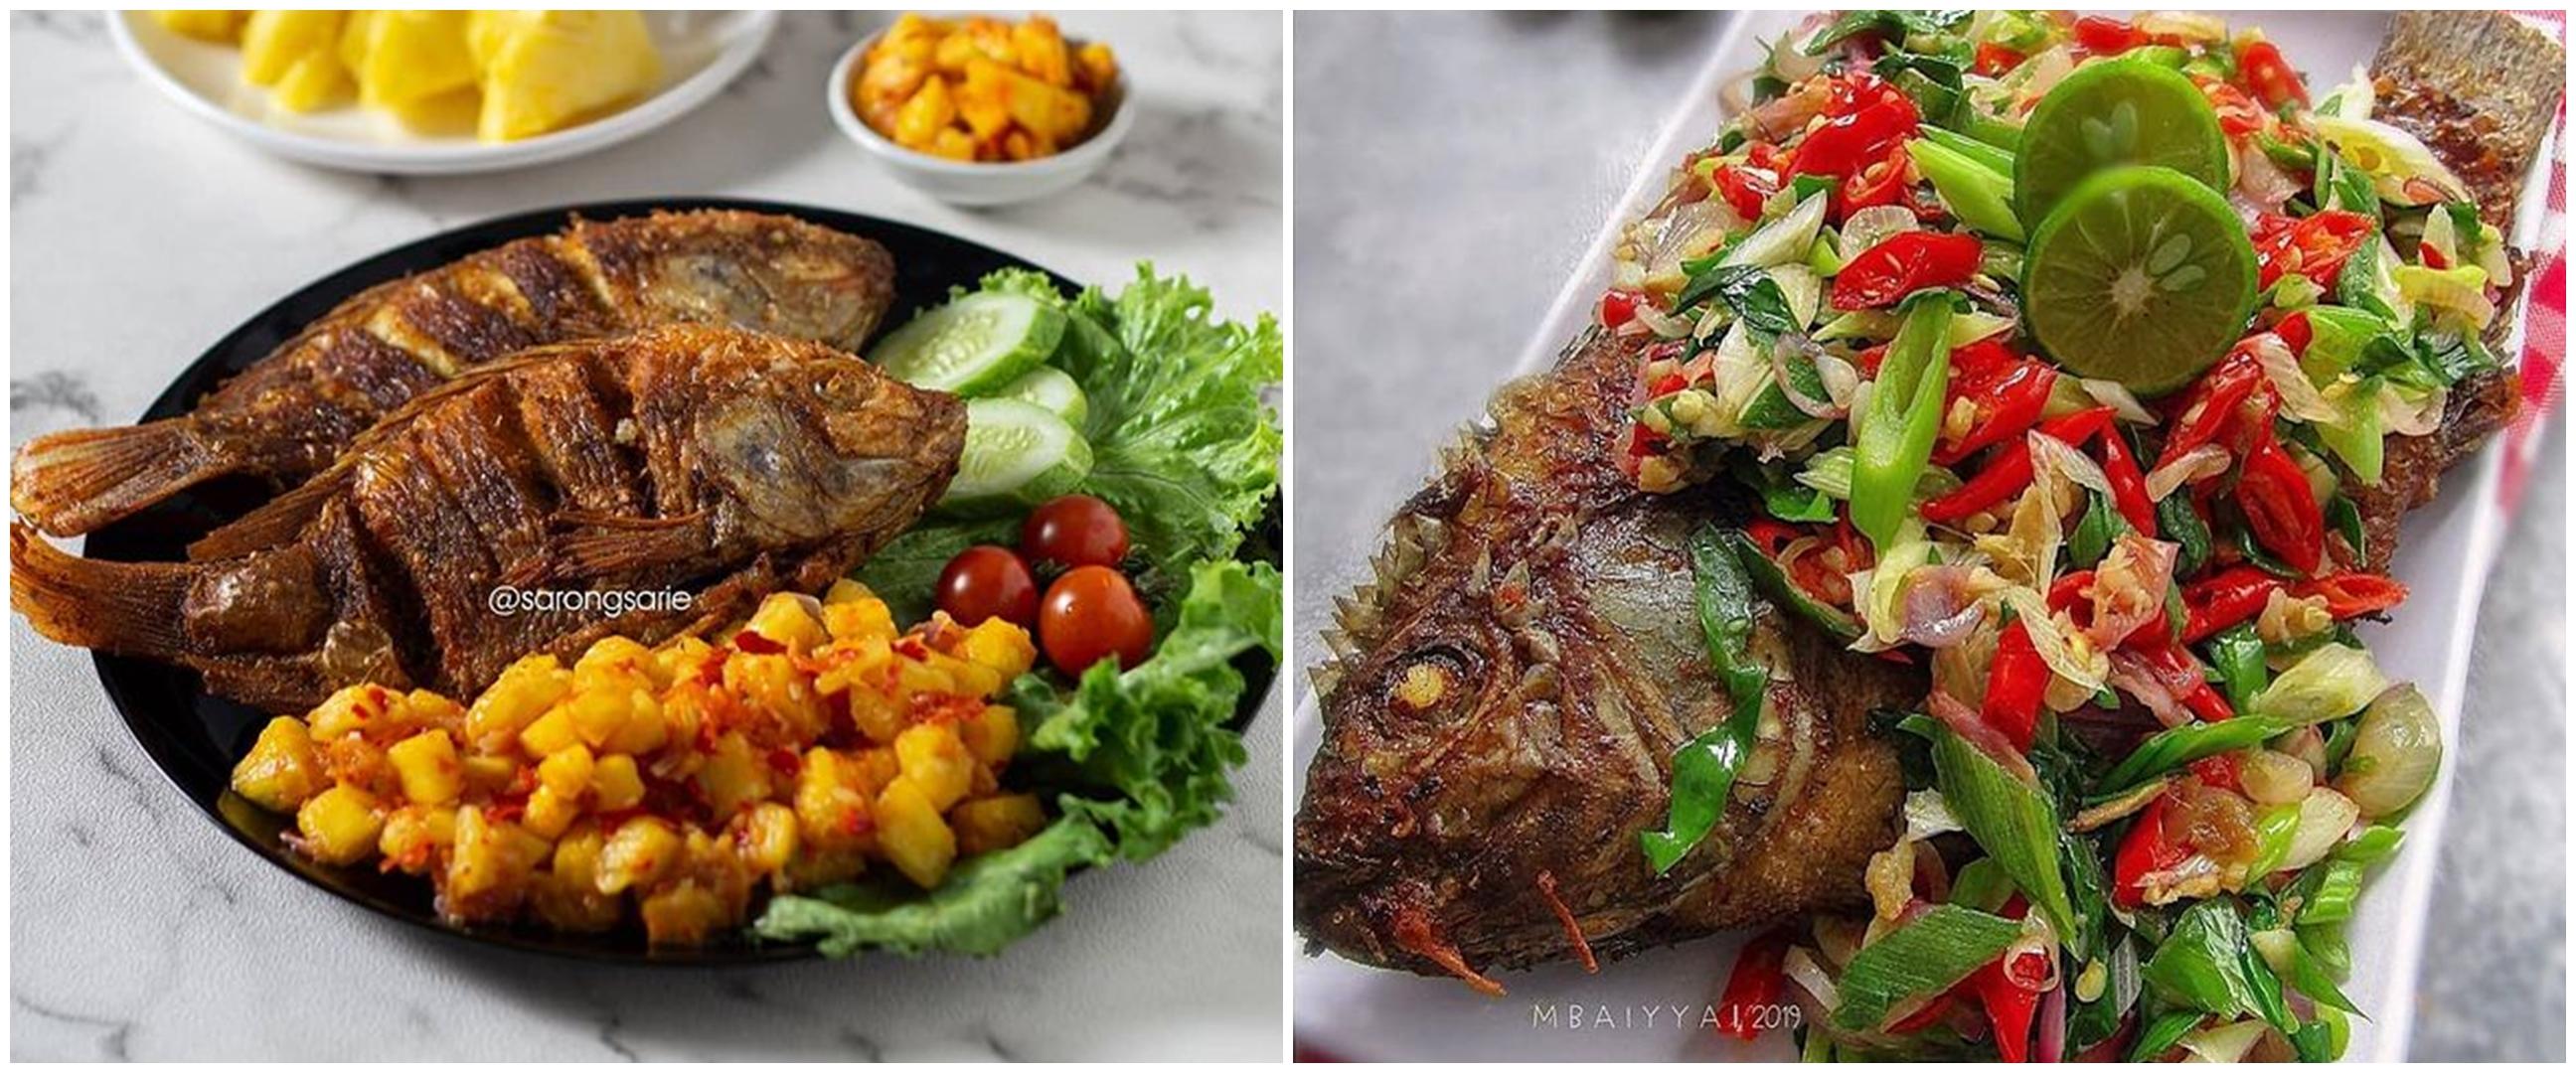 11 Resep kreasi ikan nila goreng, enak jadi menu sehari-hari